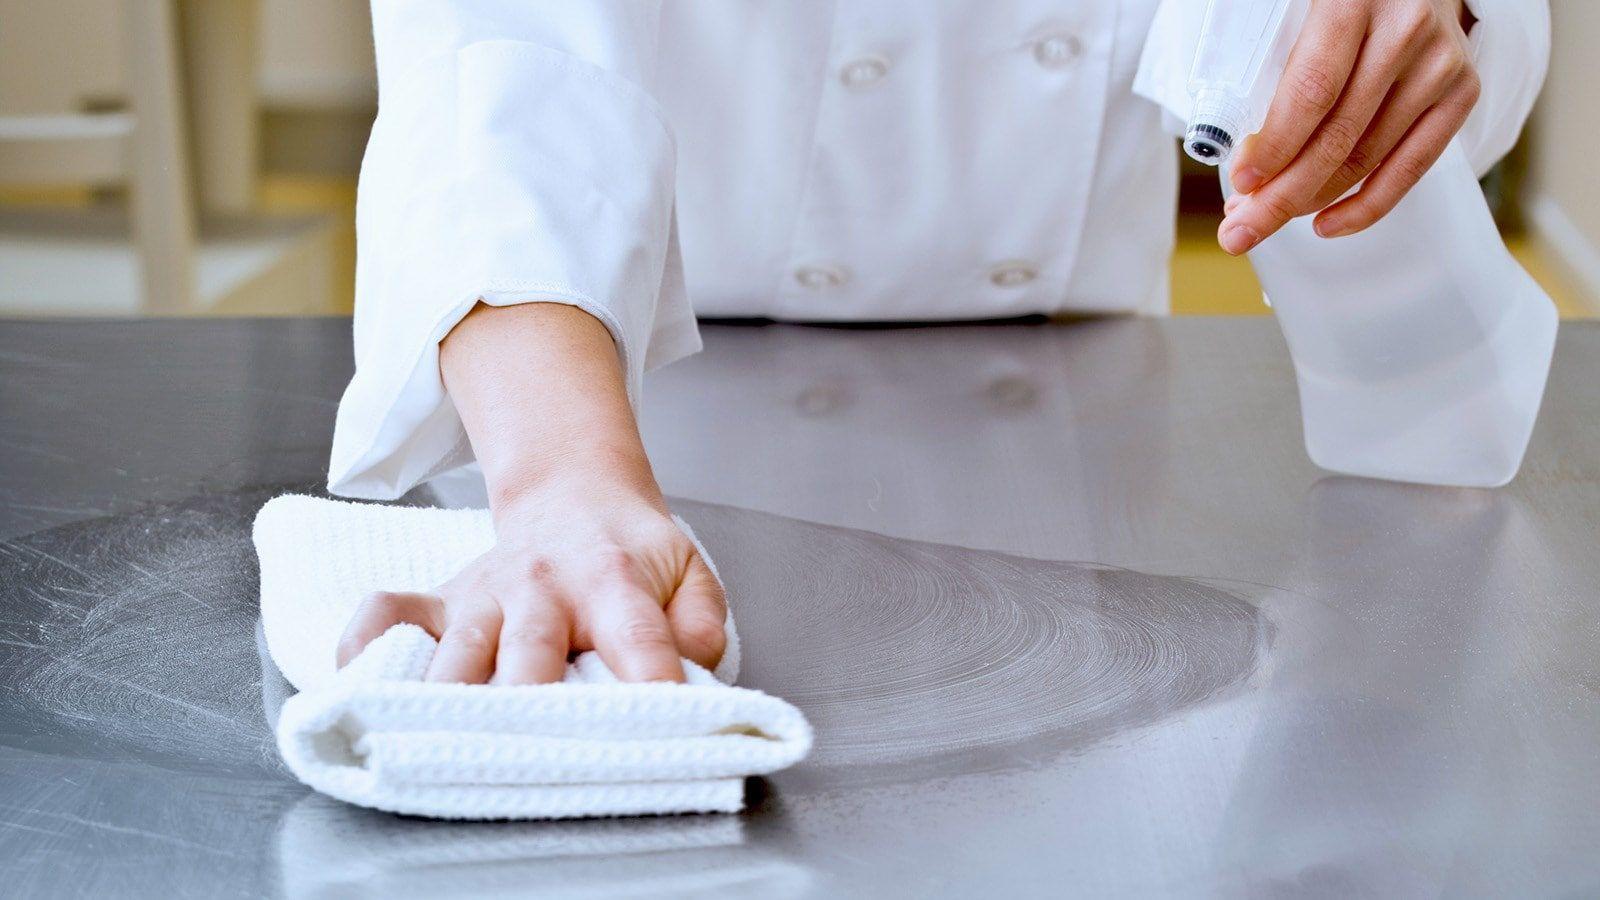 Дезинфекции посуды и мебели в общепите